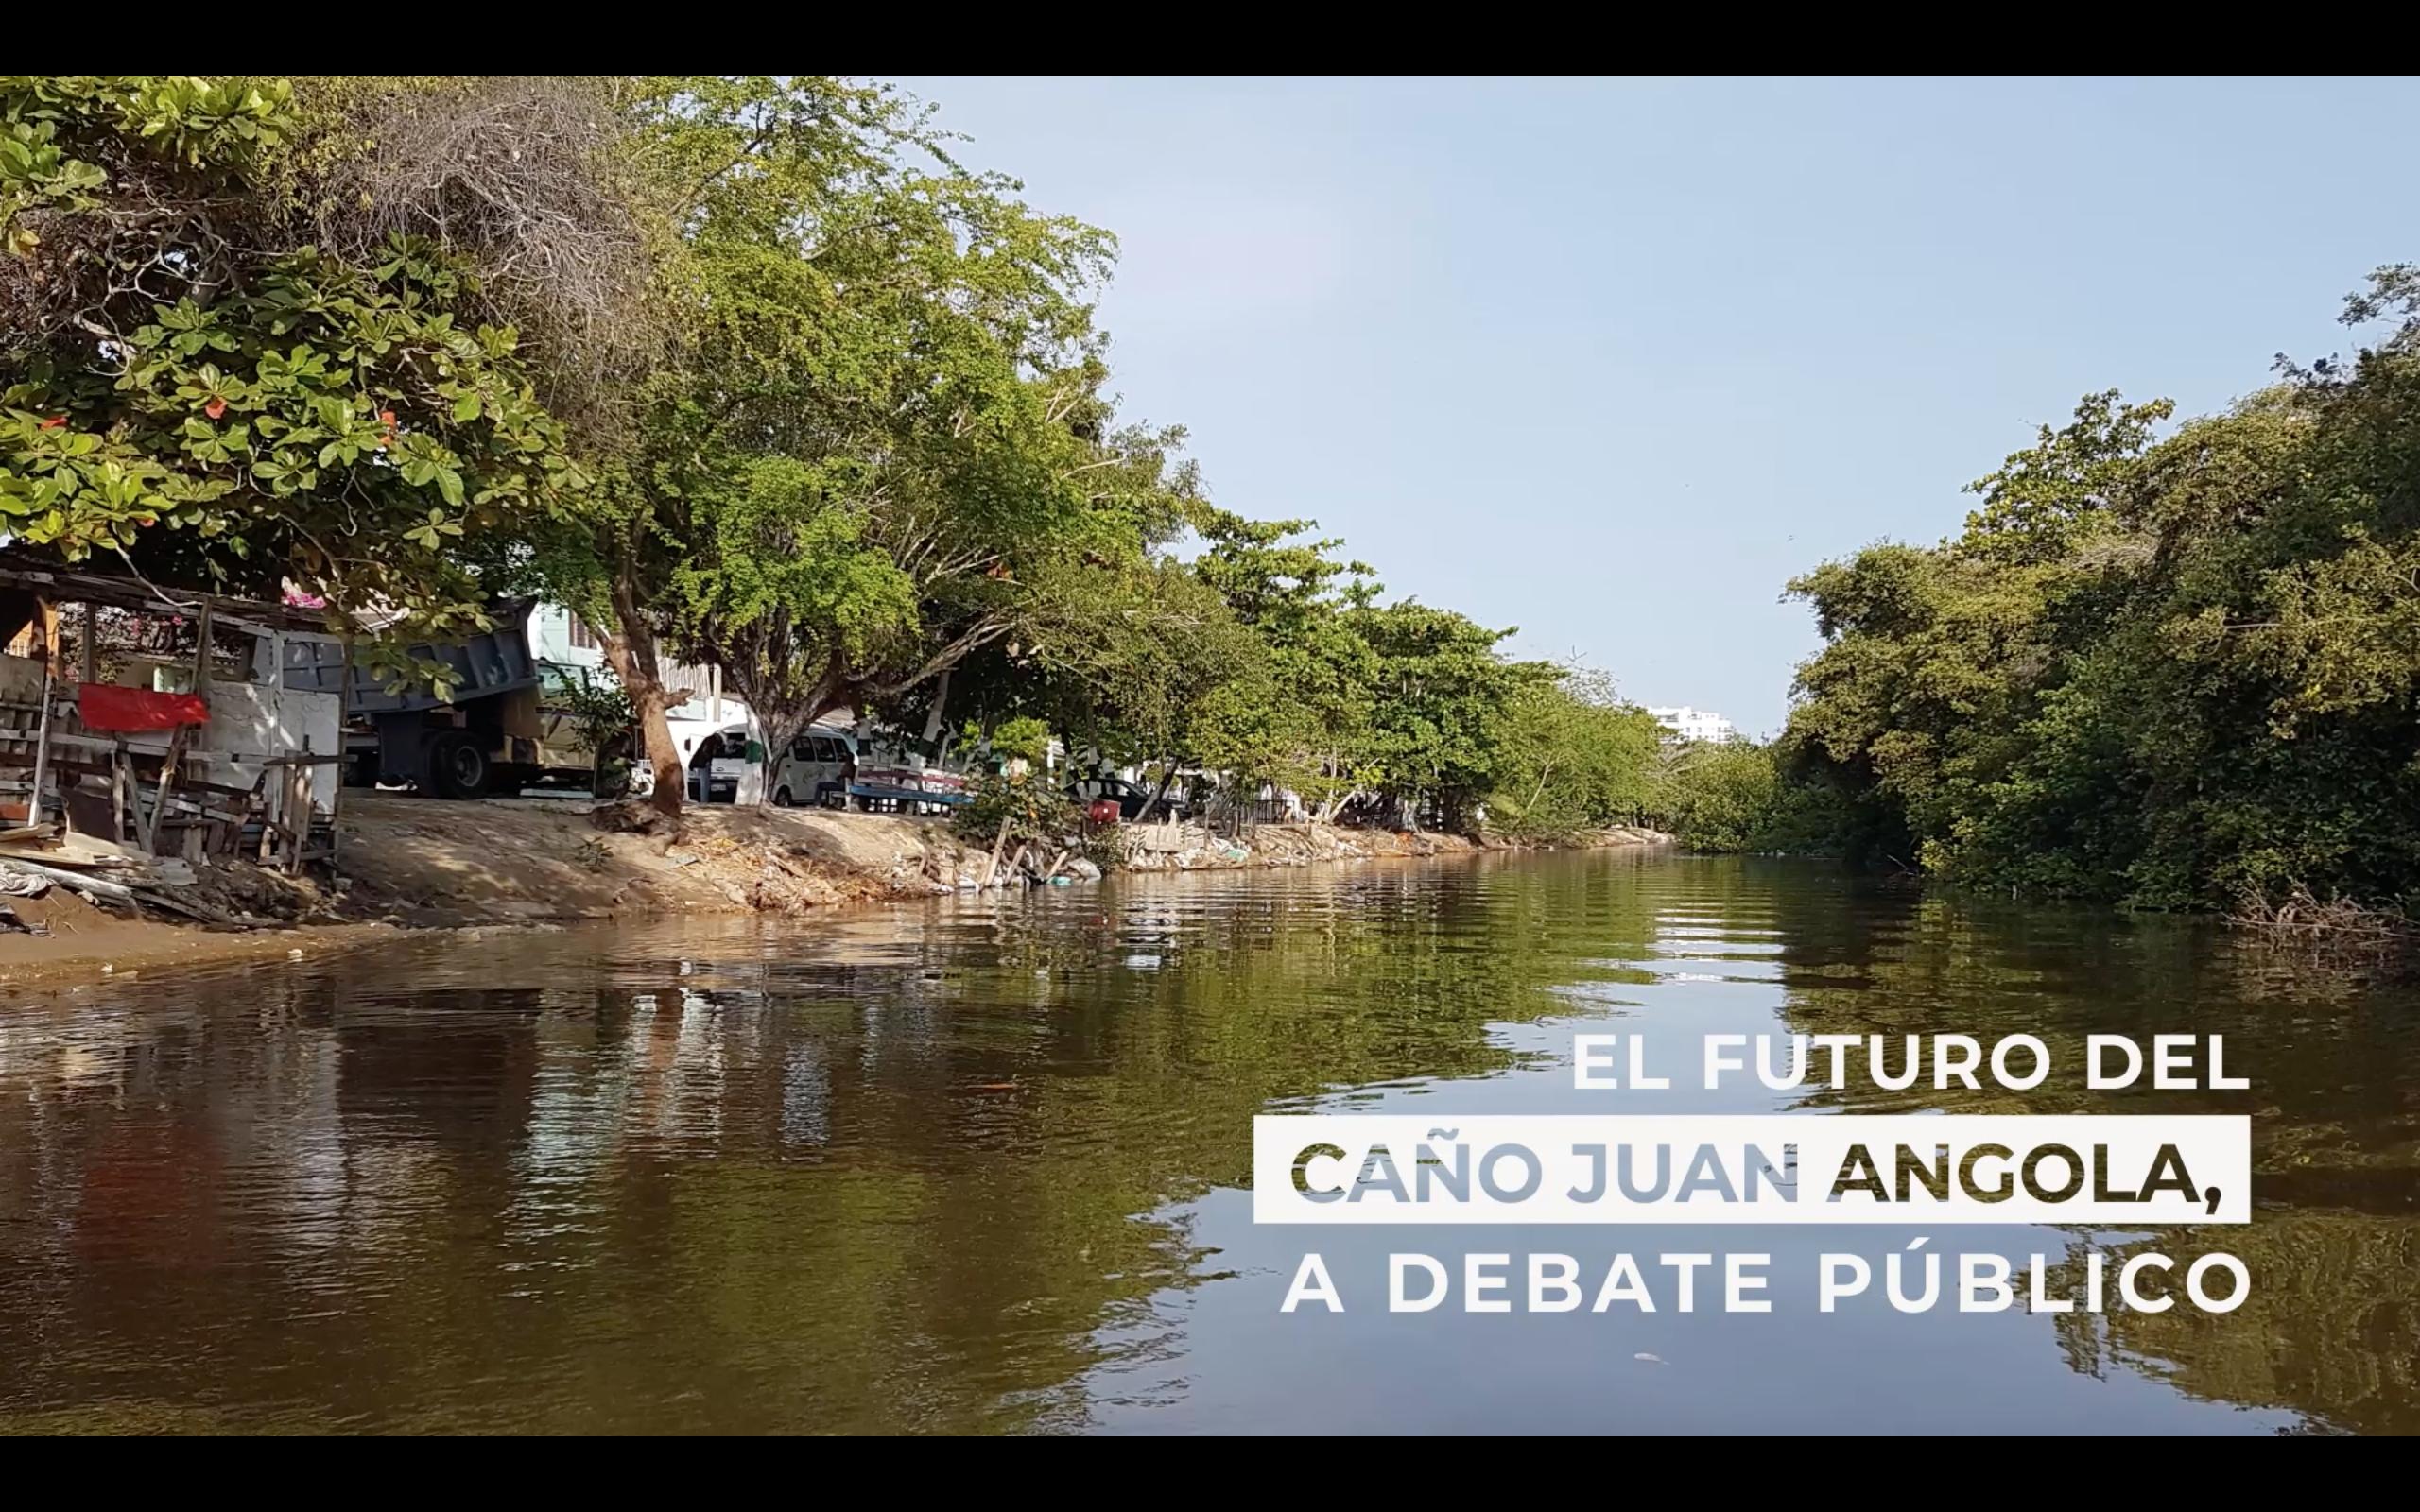 El futuro del Caño Juan Angola, a debate público.